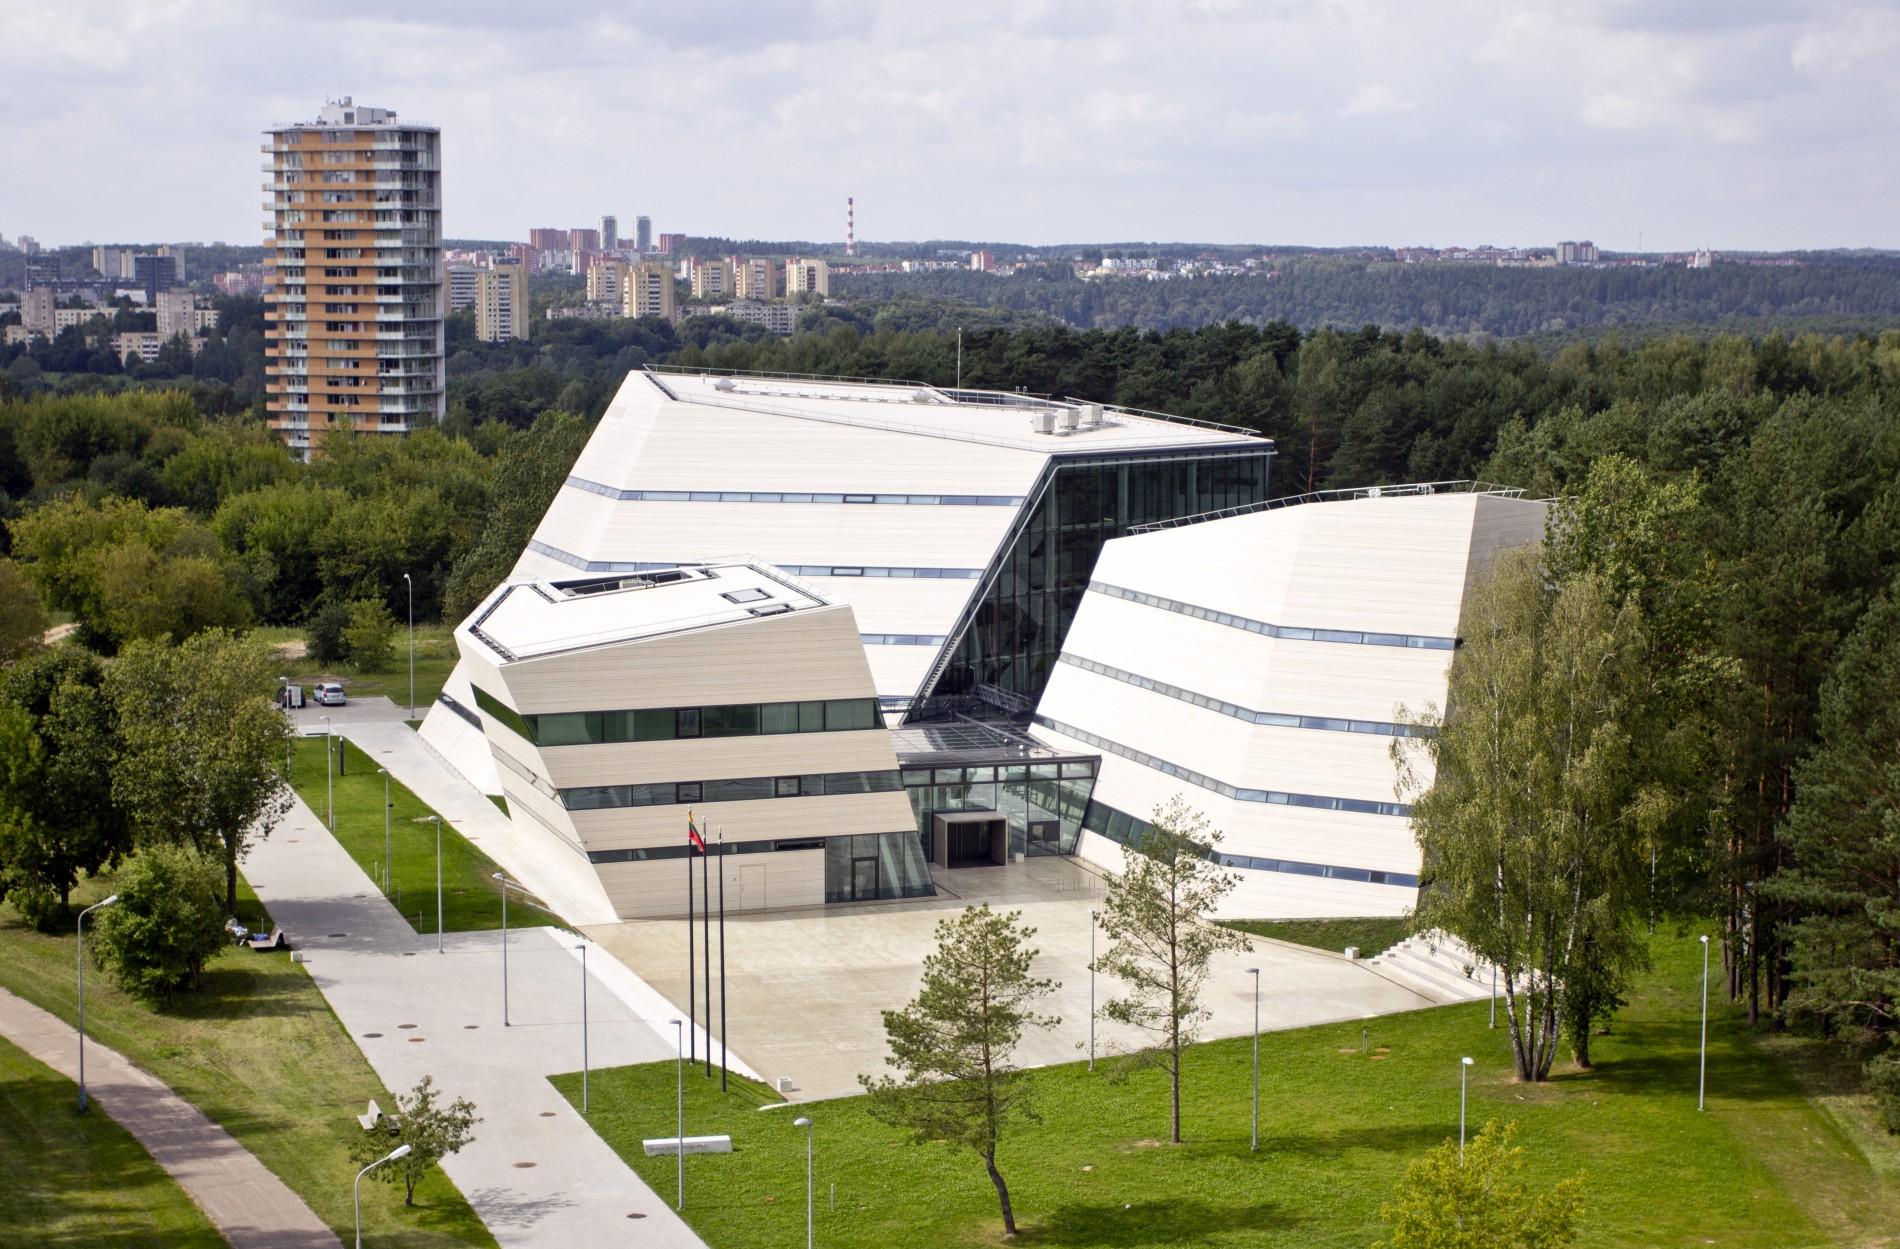 Mantas Pelakauskas VU bibliotekos archyvas (2)